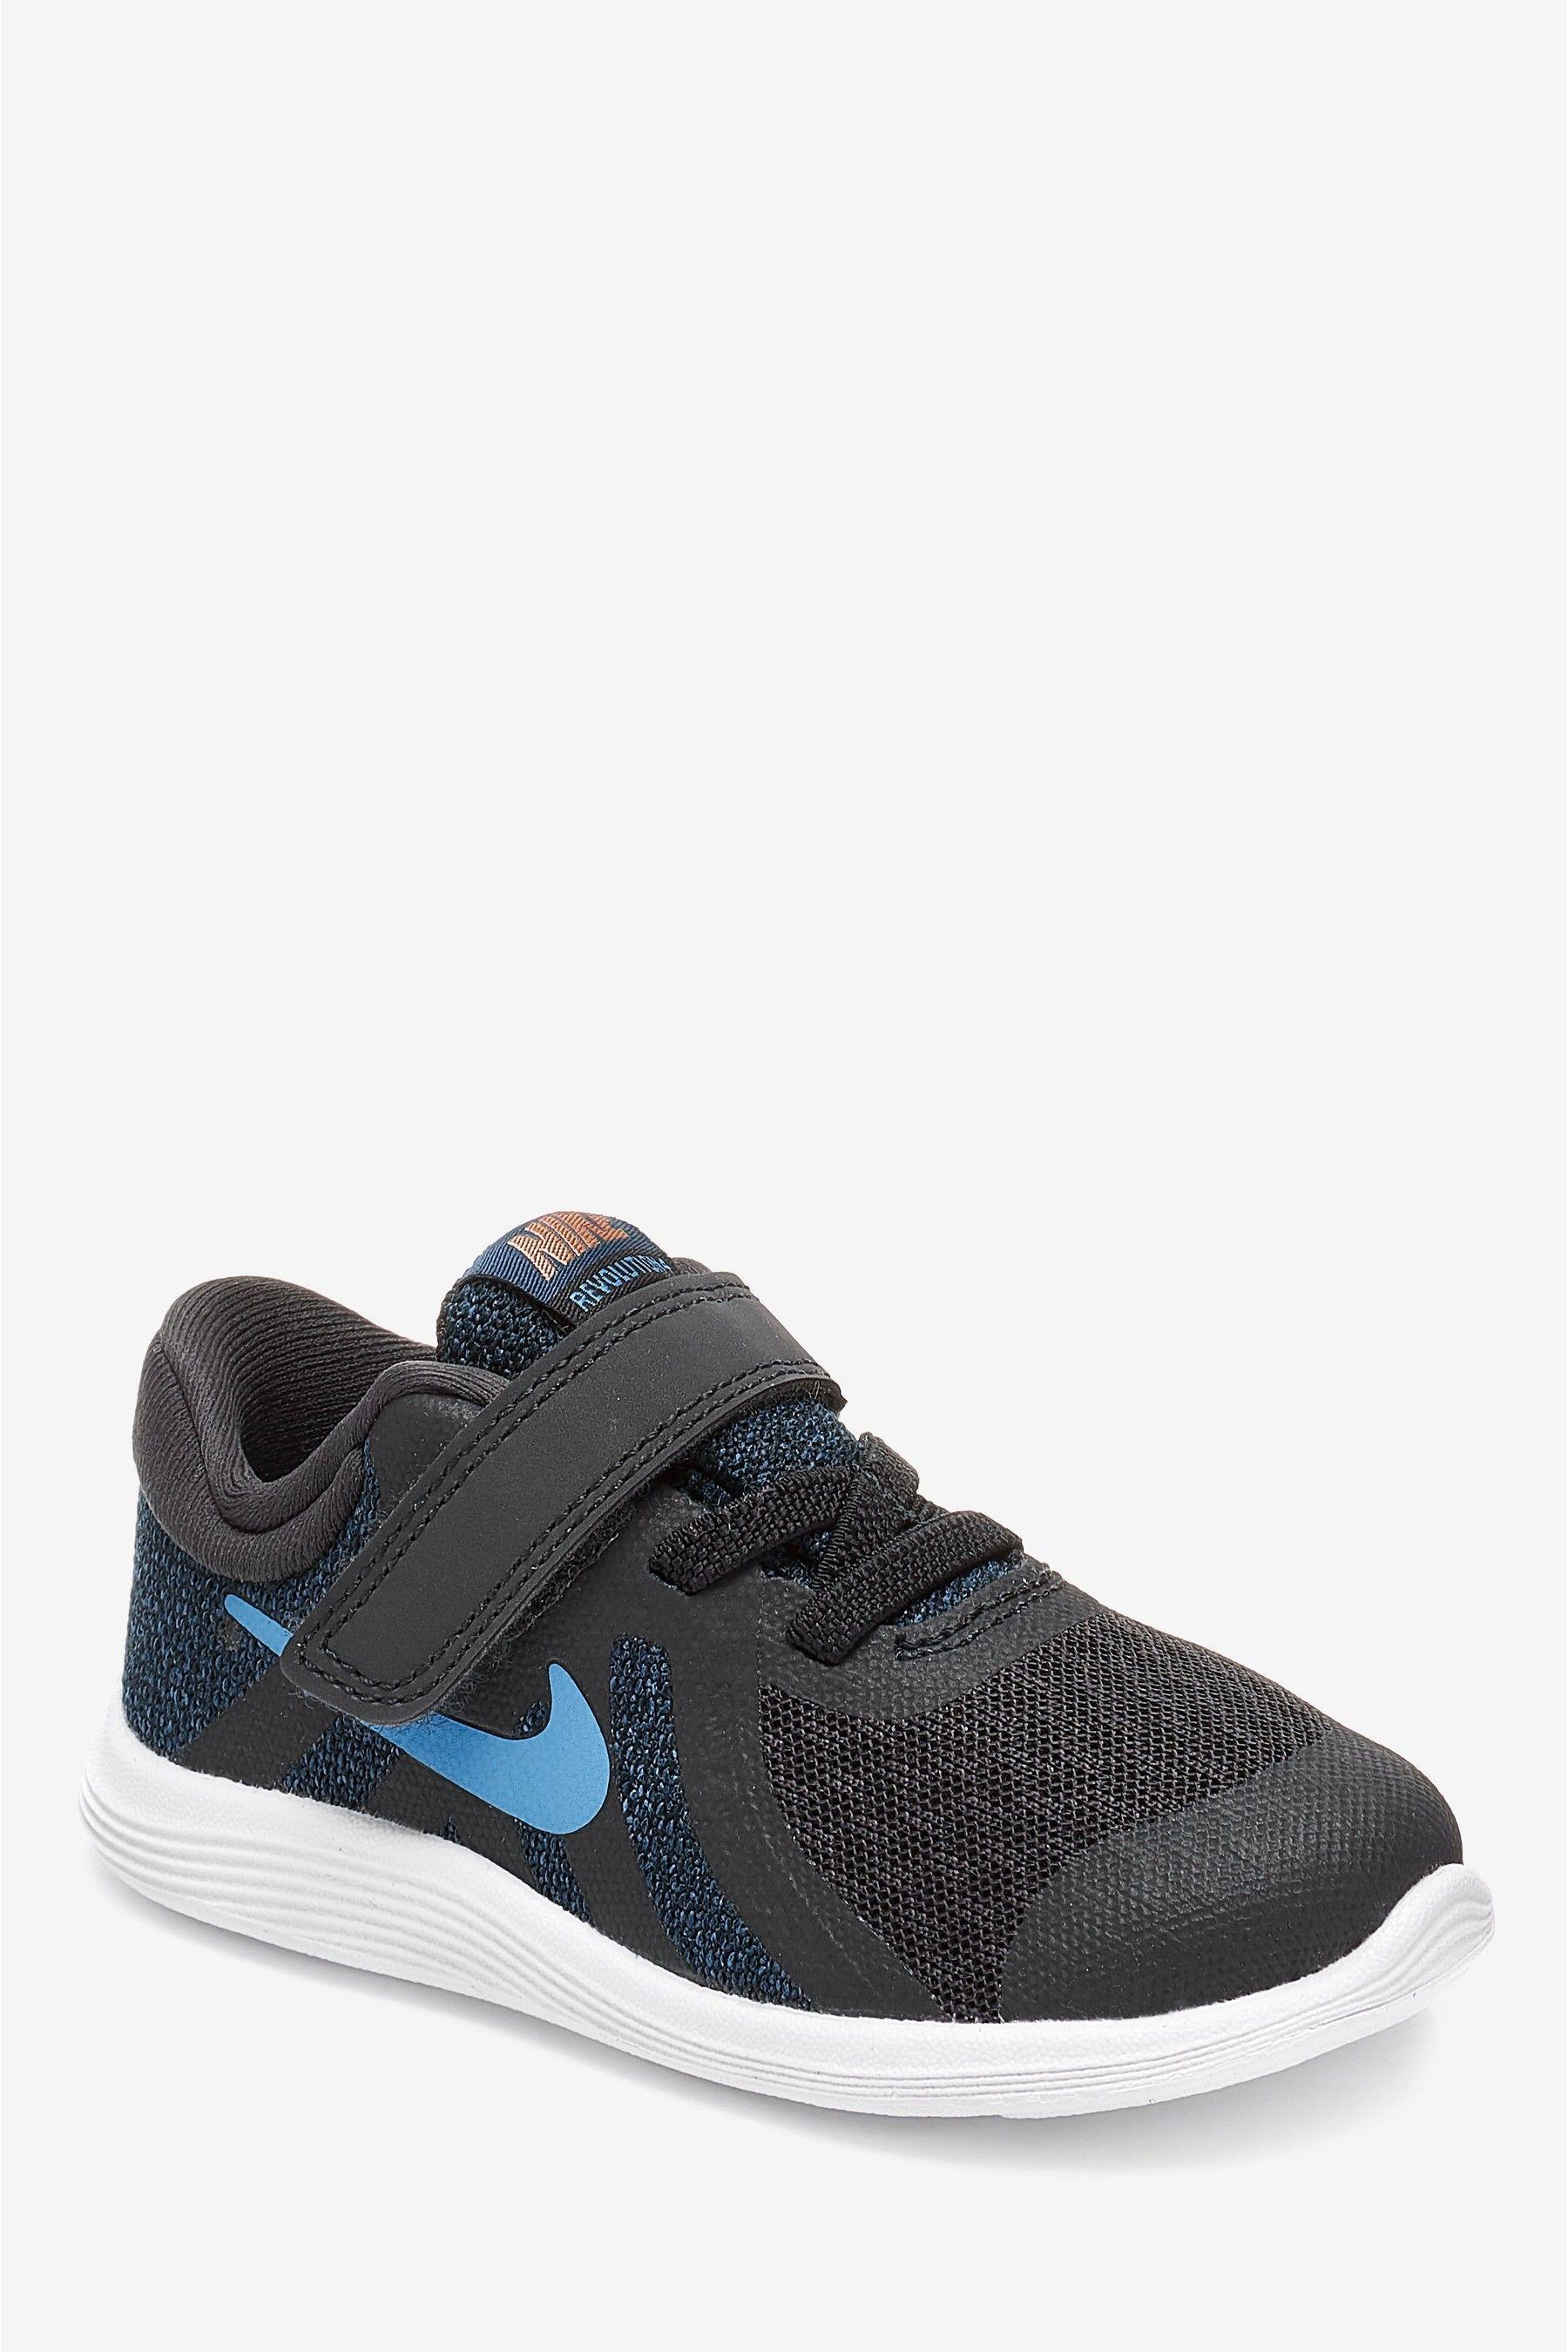 Boys Nike Run Revolution 4 Infant